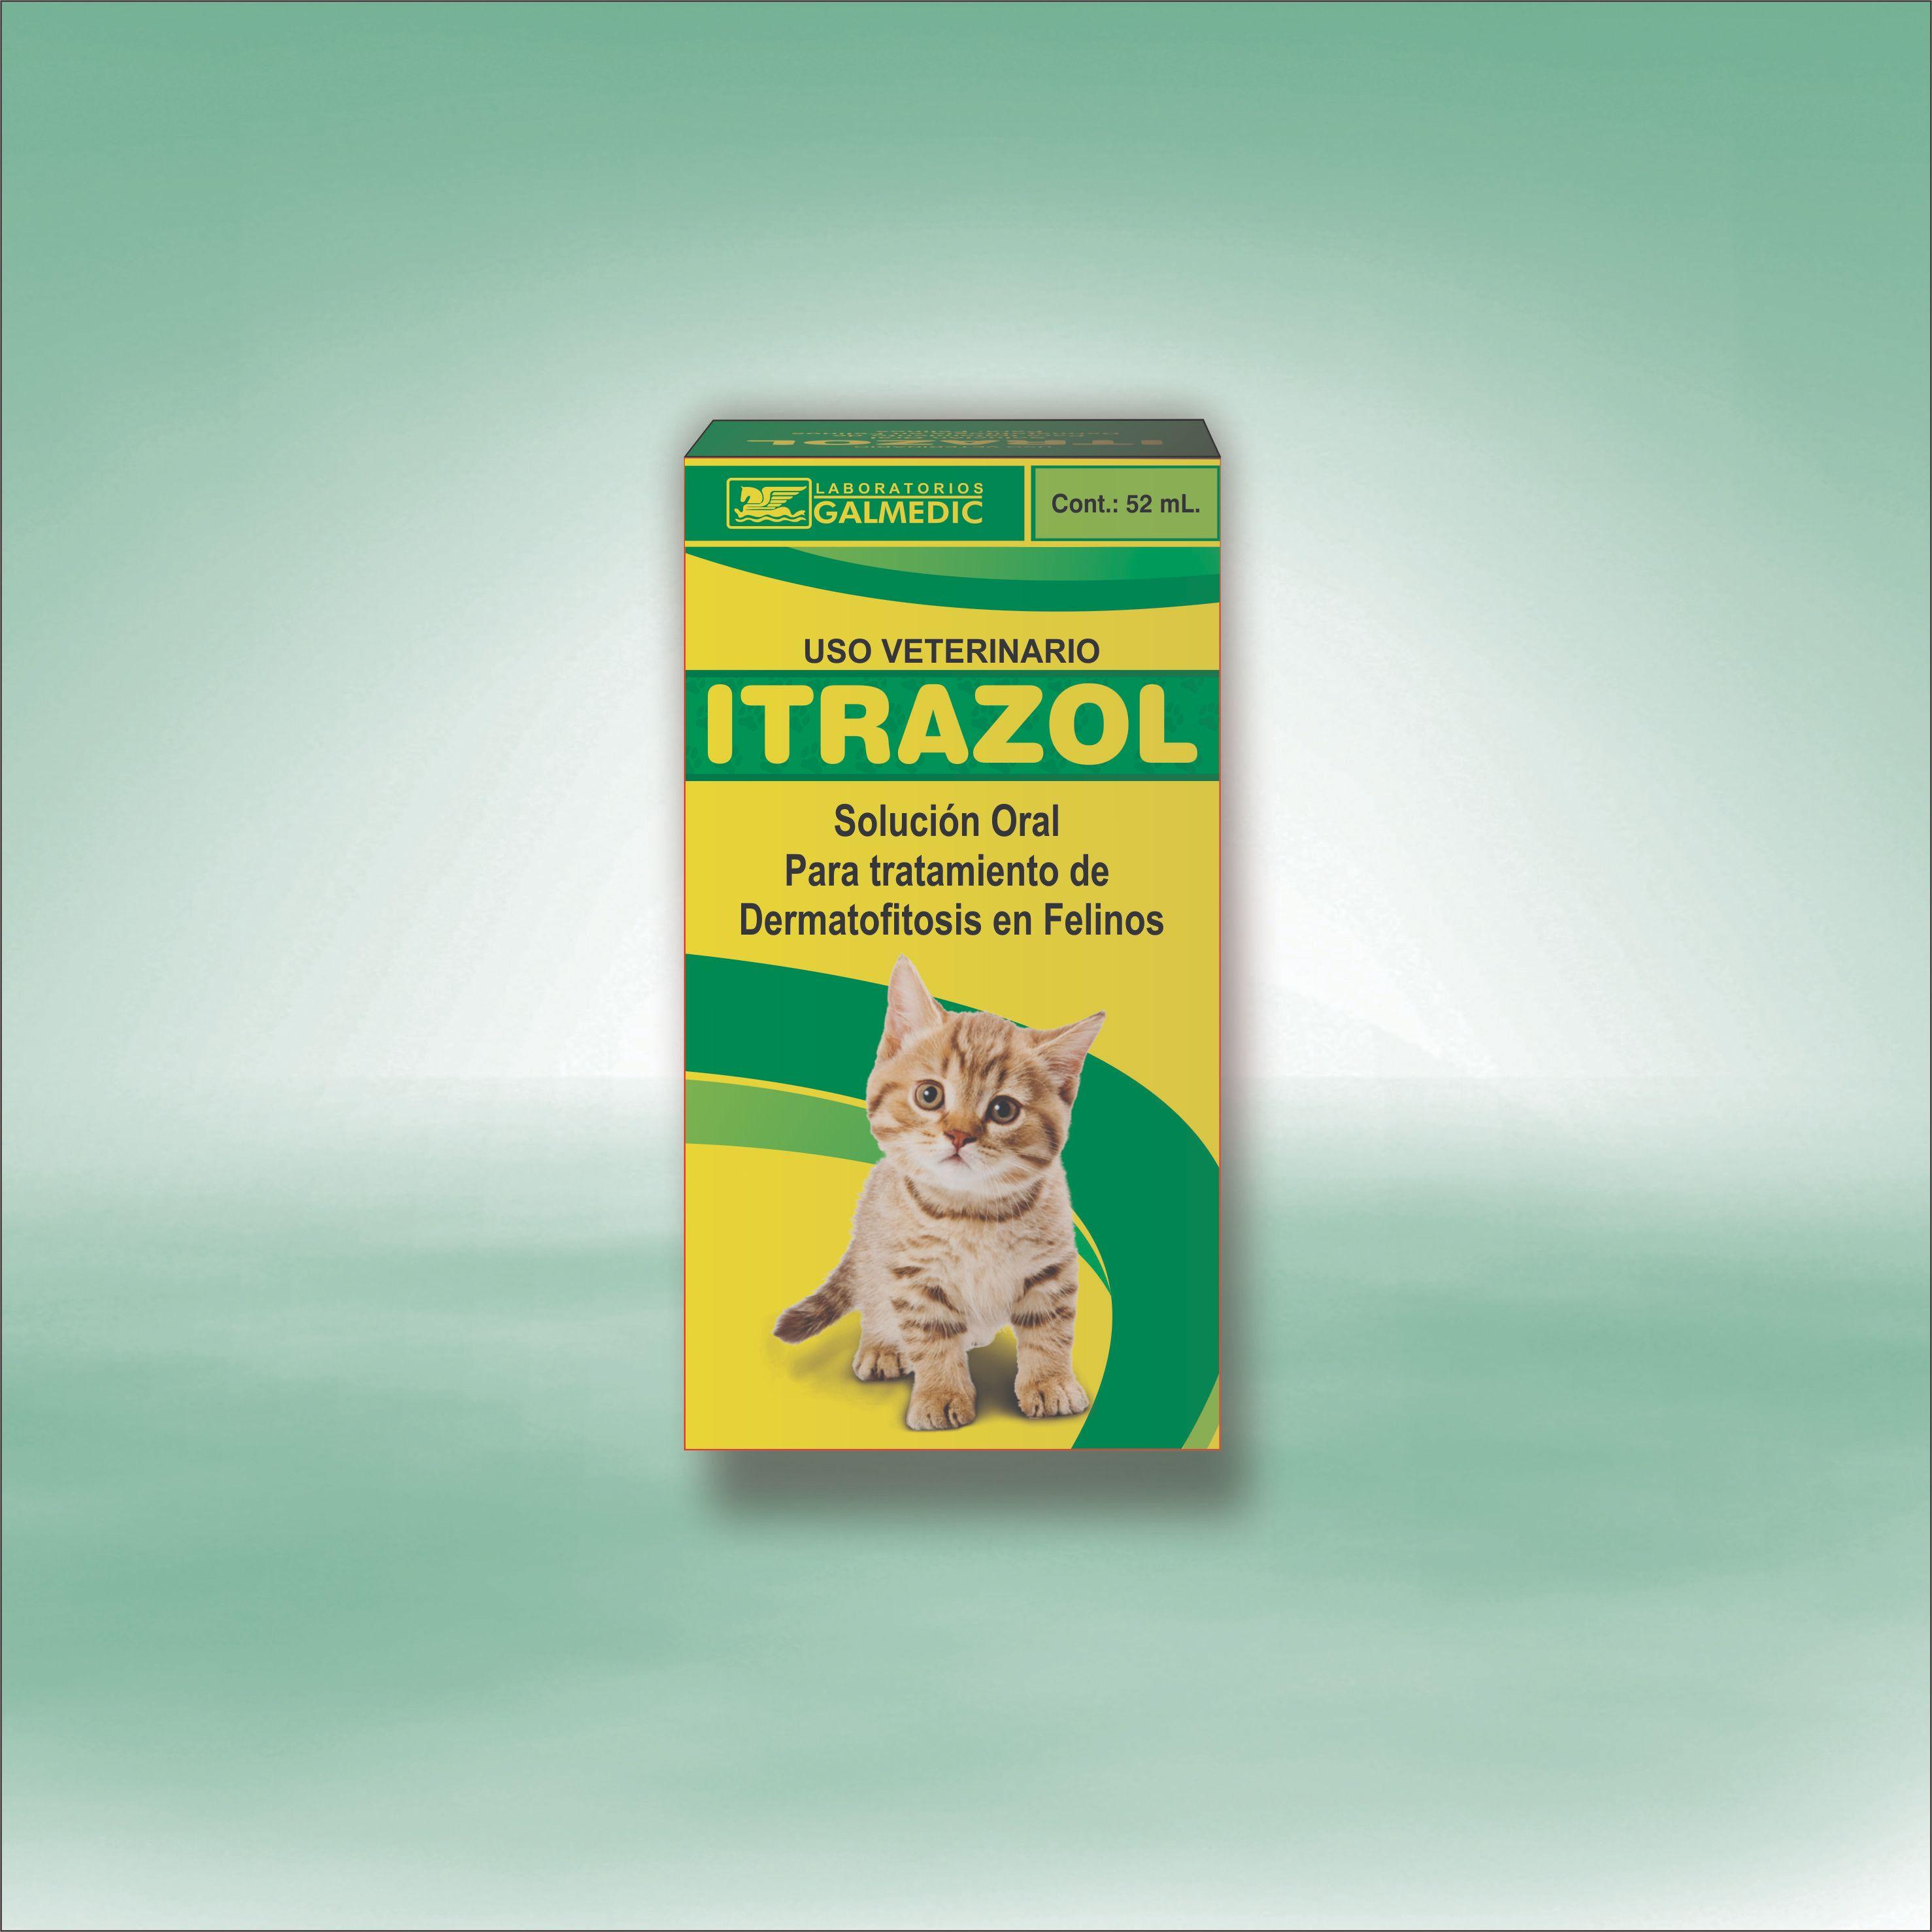 ITRAZOL SOLUCIÓN ORAL